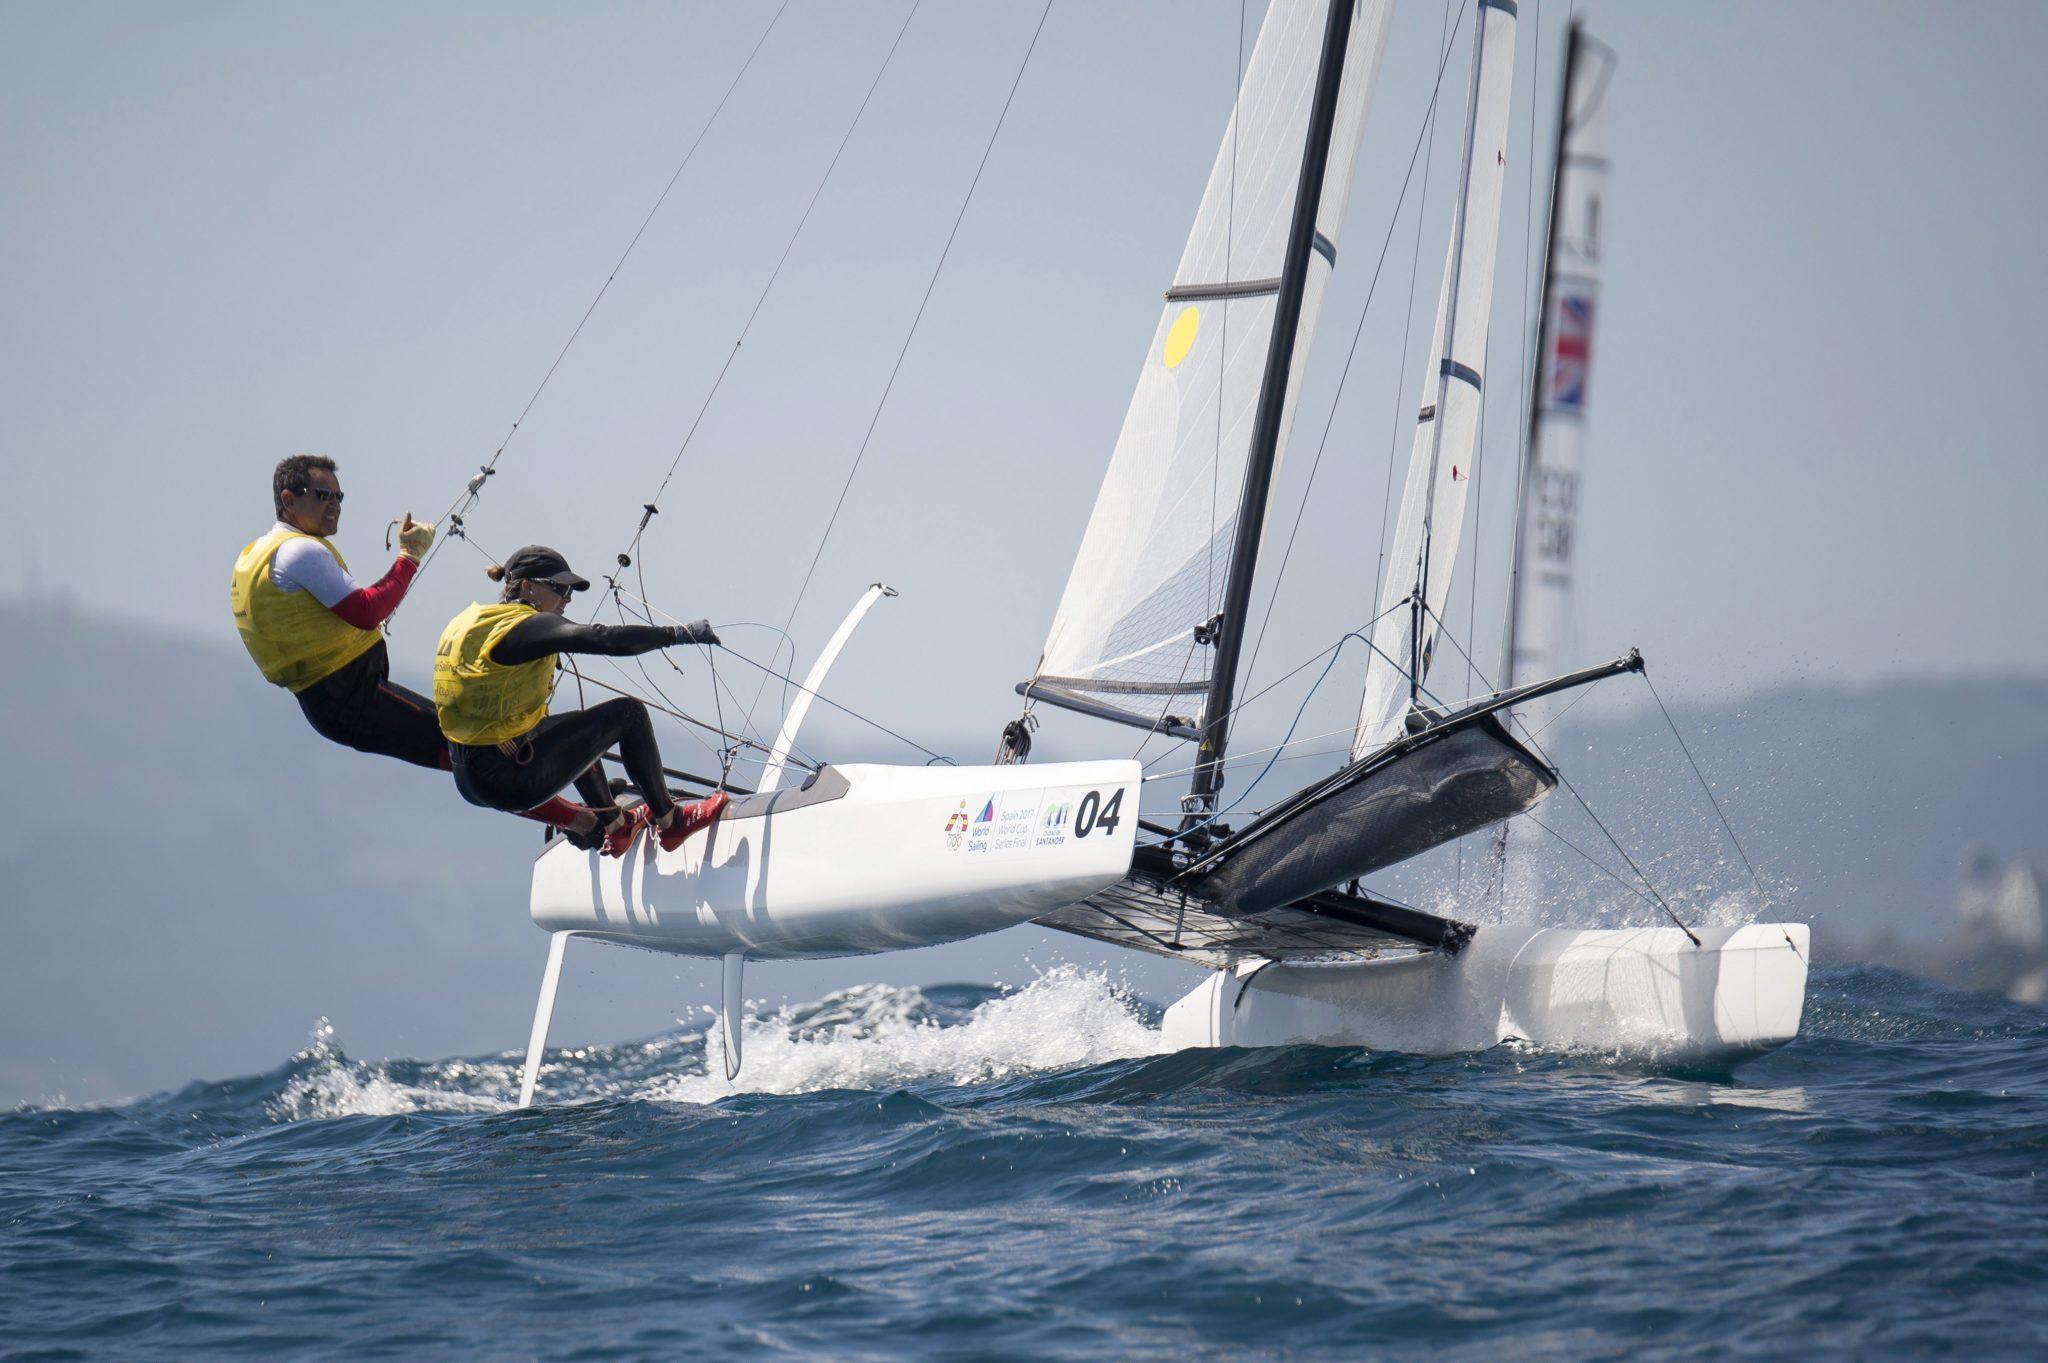 Mistrzostwa Świata w żeglarstwie w Hiszpanii